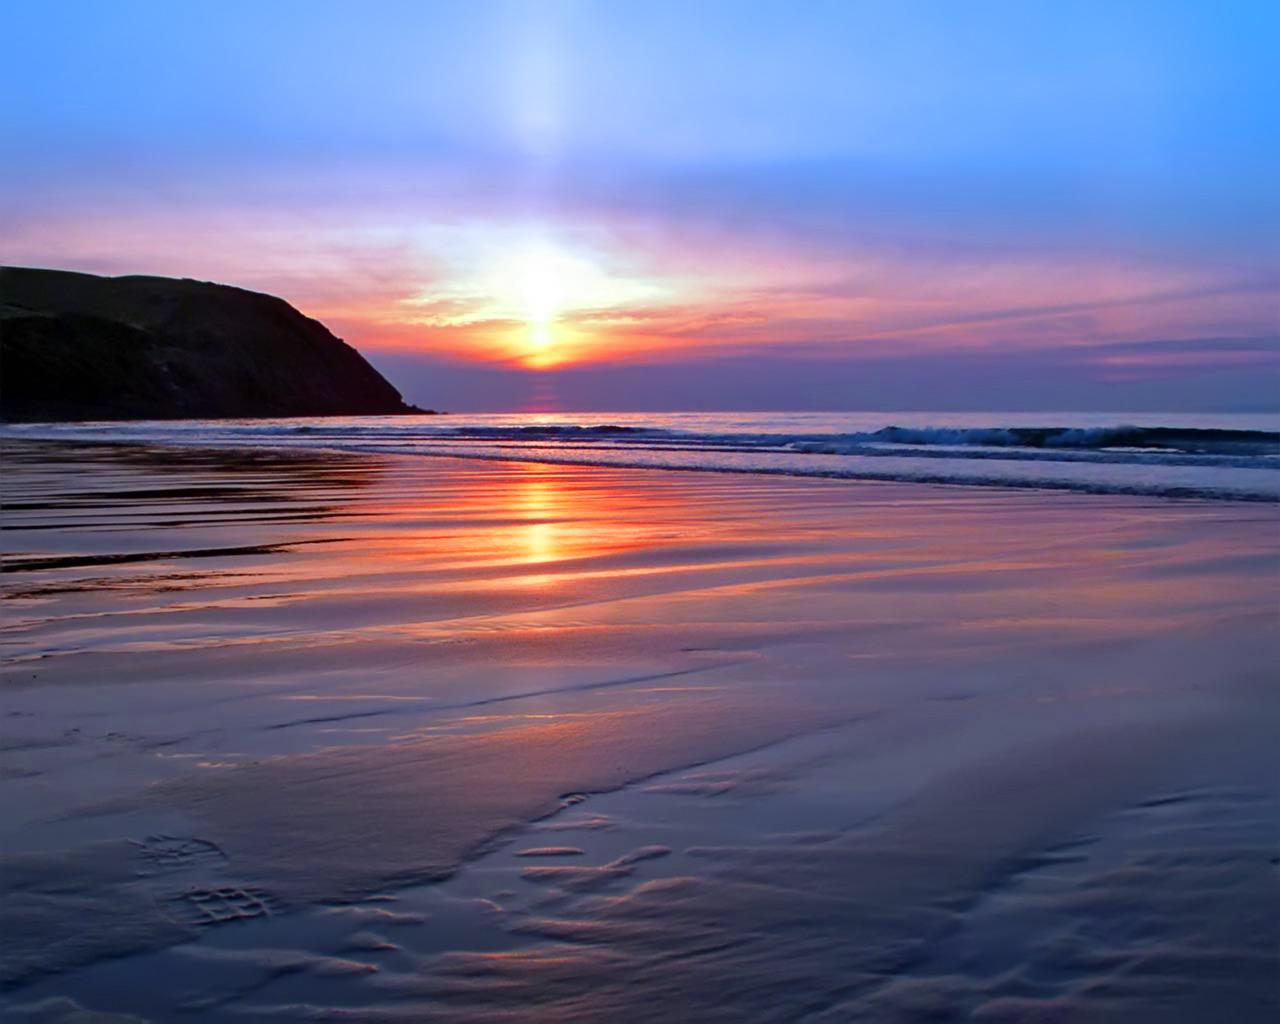 Beautiful Wallpapers beach sunset wallpaper 1280x1024